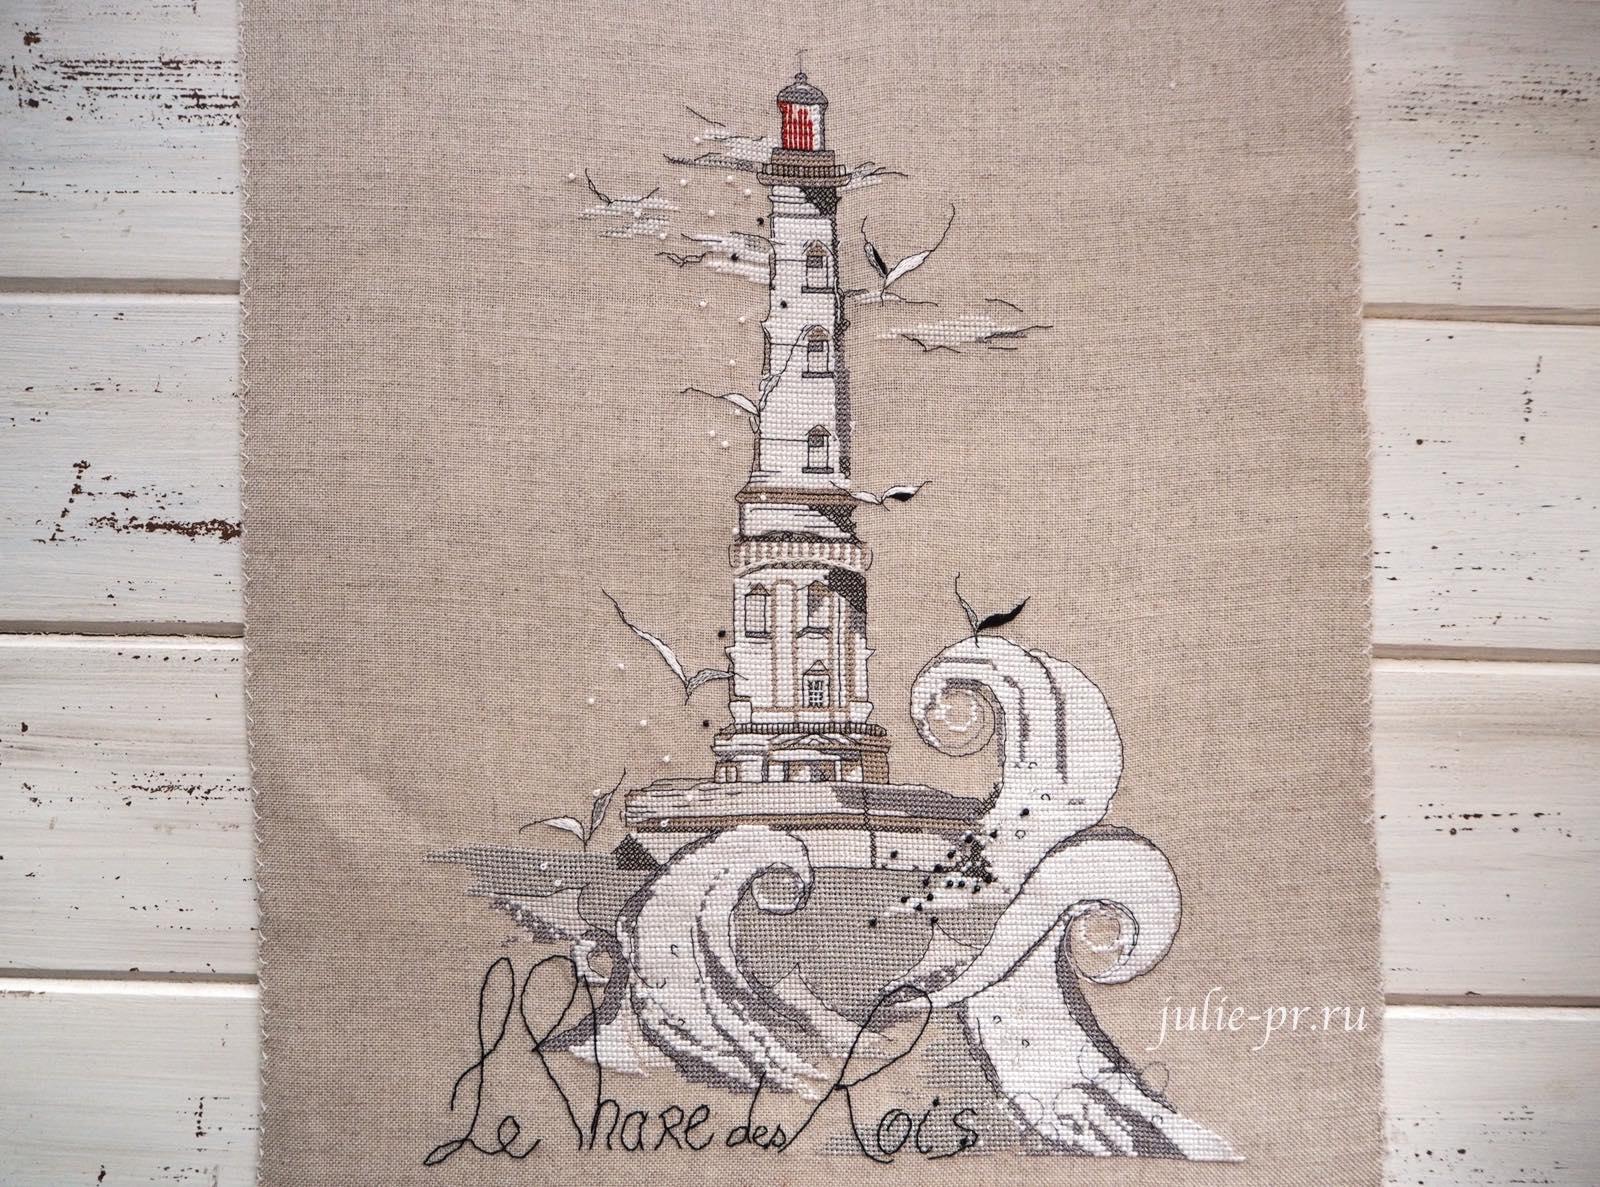 Soizic, Le Phare des Rois, Кордуанский маяк, Phare de Cordouan, вышивка крестом, белый маяк, французская вышивка